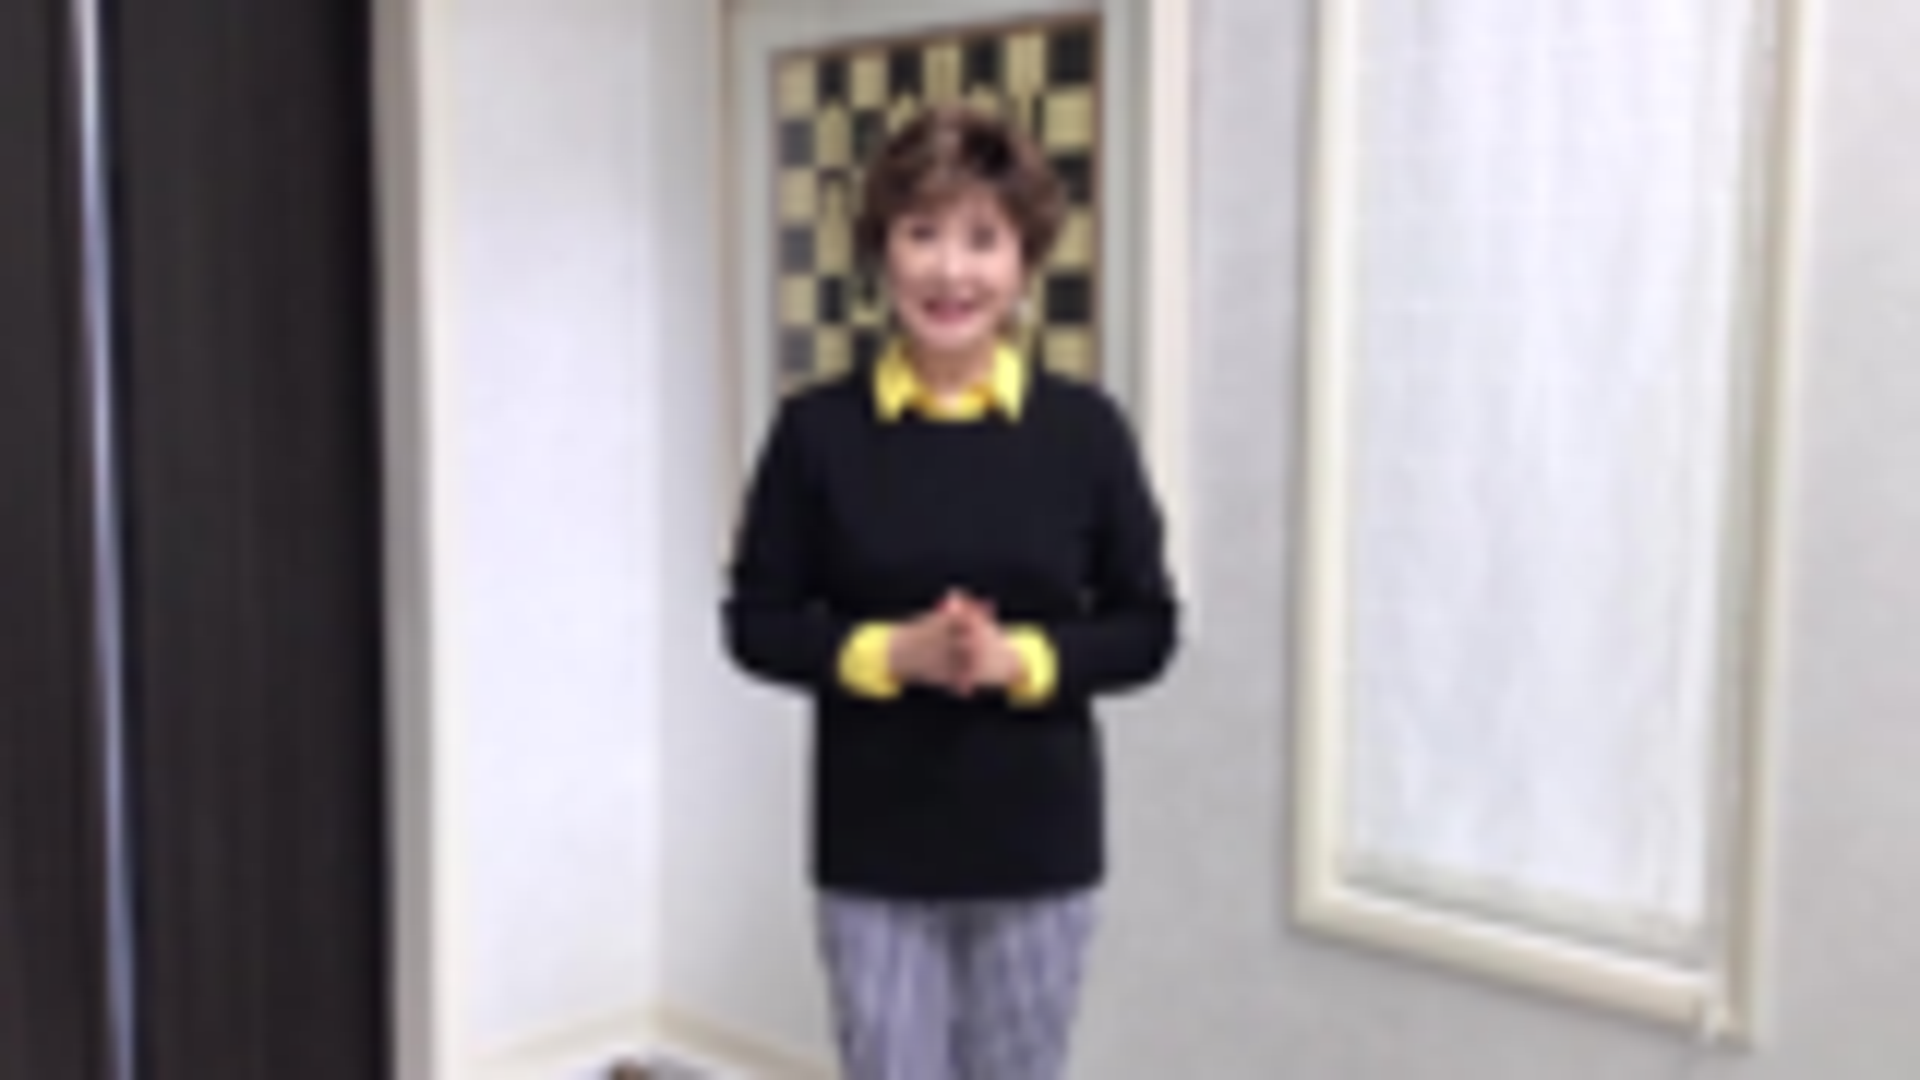 【小林幸子リクエスト歌唱】おうちで「Lemon」歌いました!